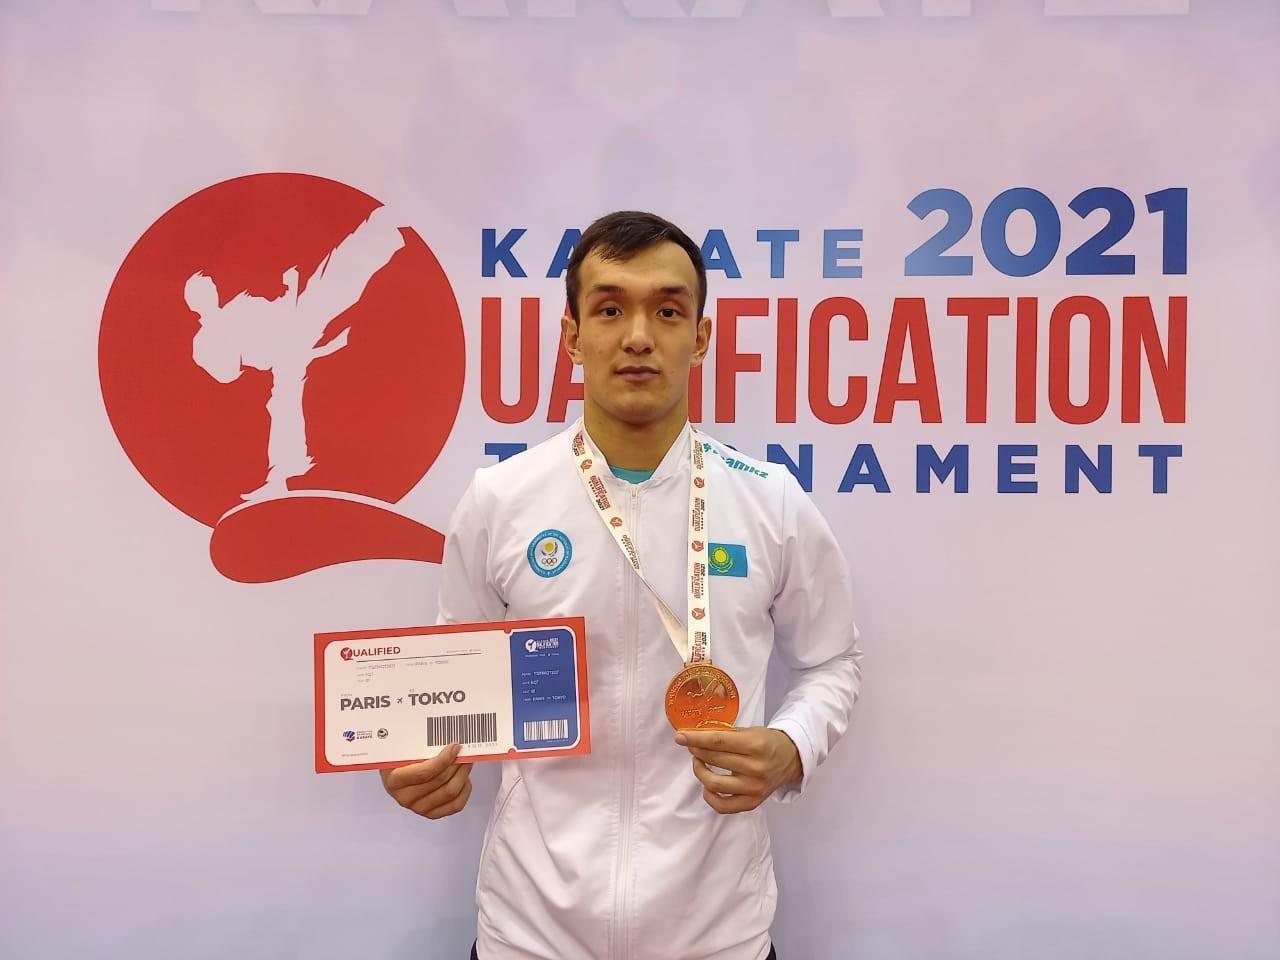 Каратэші Нұрқанат Әжіқанов Олимпиадаға лицензия жеңіп алды